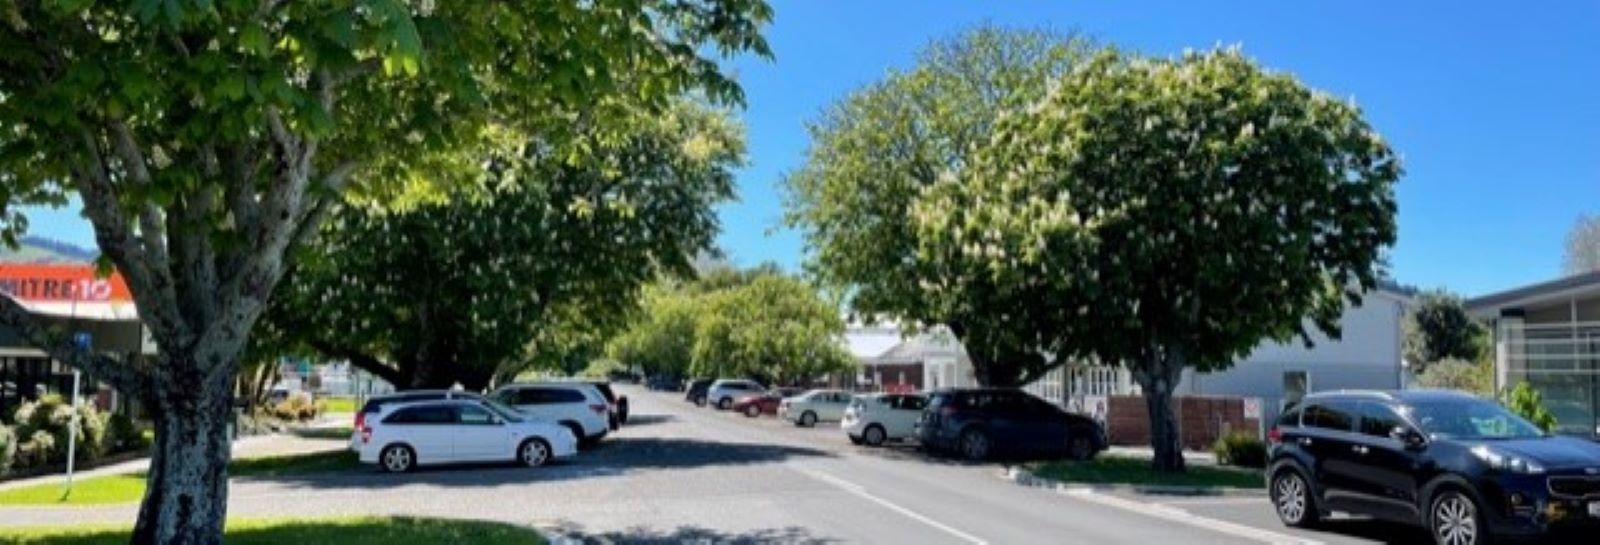 Chestnut trees banner image